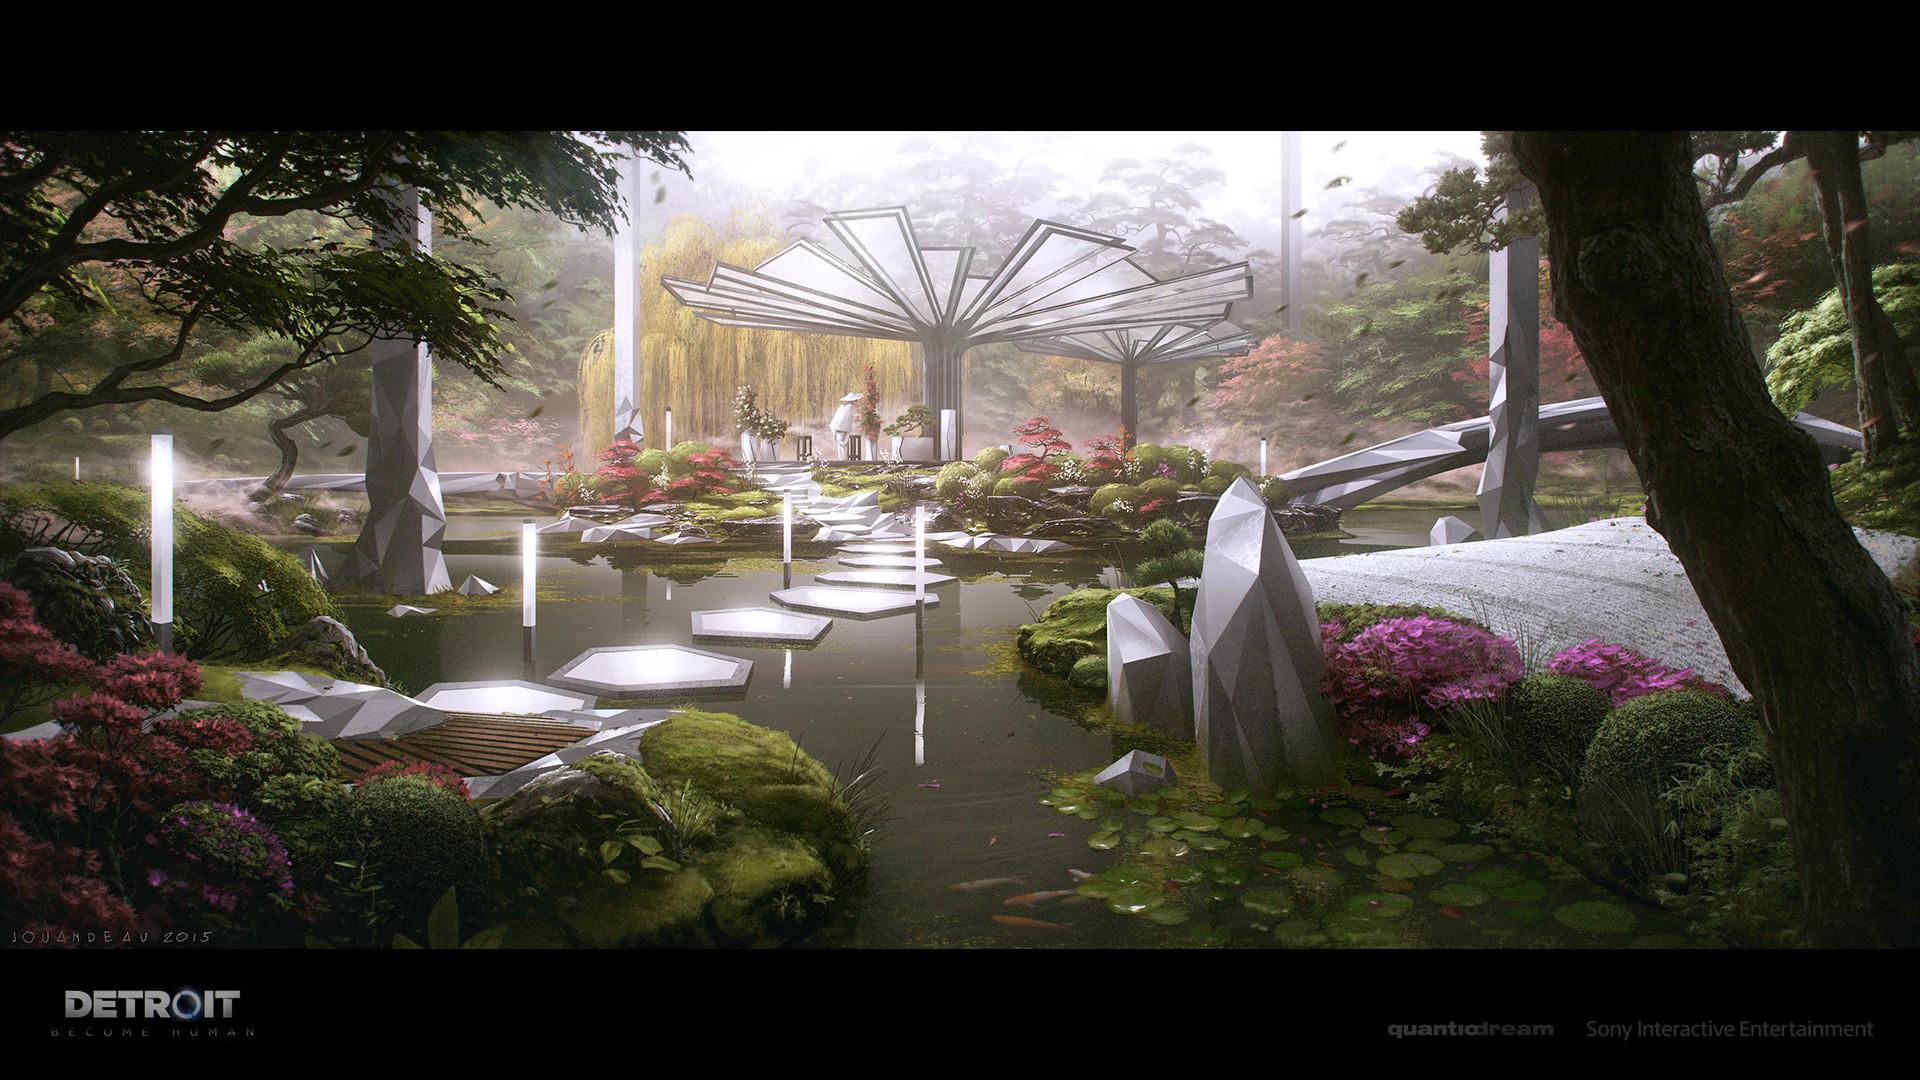 Romain jouandeau set act 2 s03c amandas garden v09